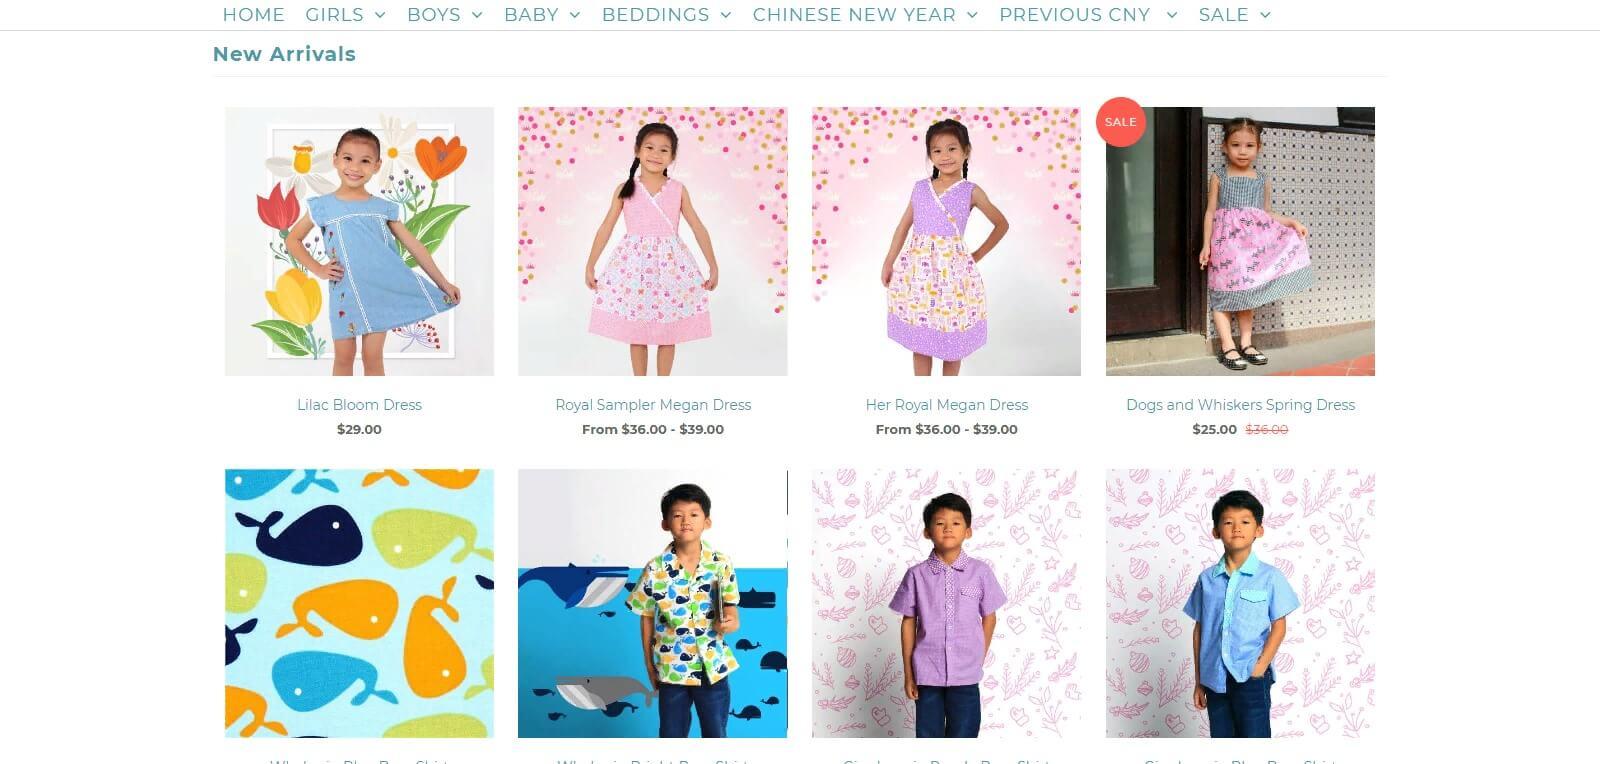 Thiết kế website bán hàng quần áo trẻ em, tăng lợi thế cạnh tranh